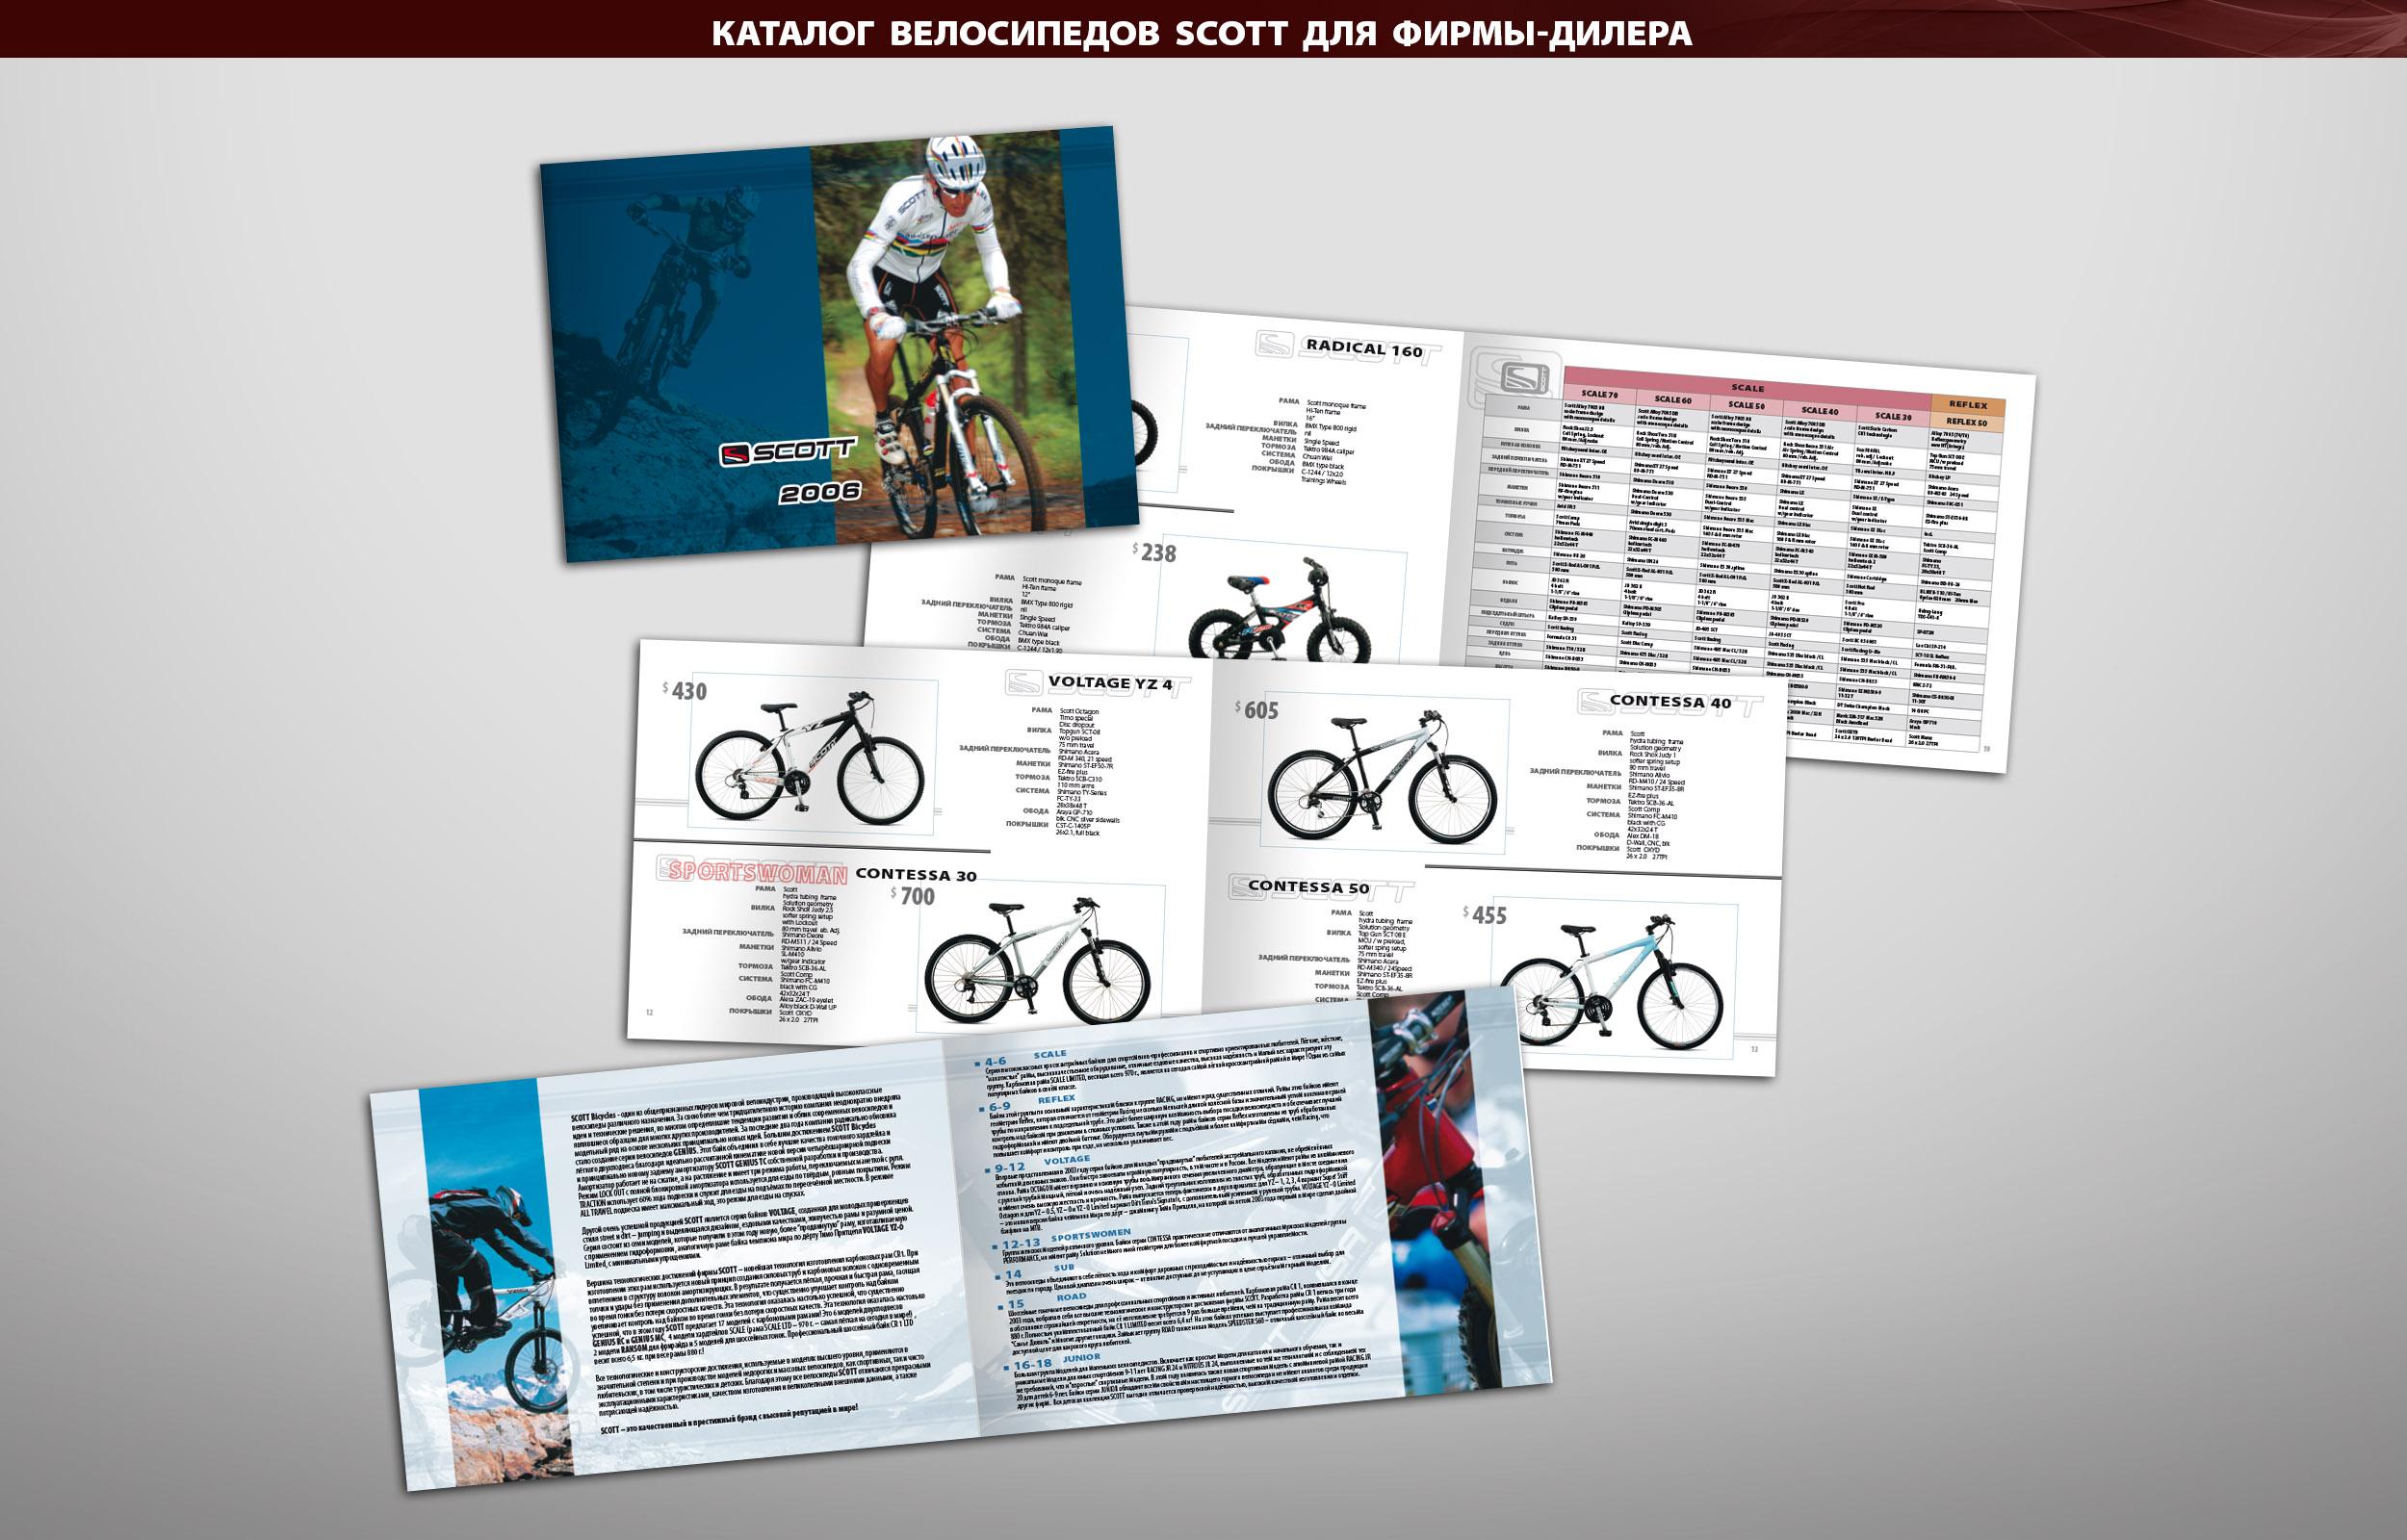 Каталог велосипедов SCOTT для фирмы-дилера